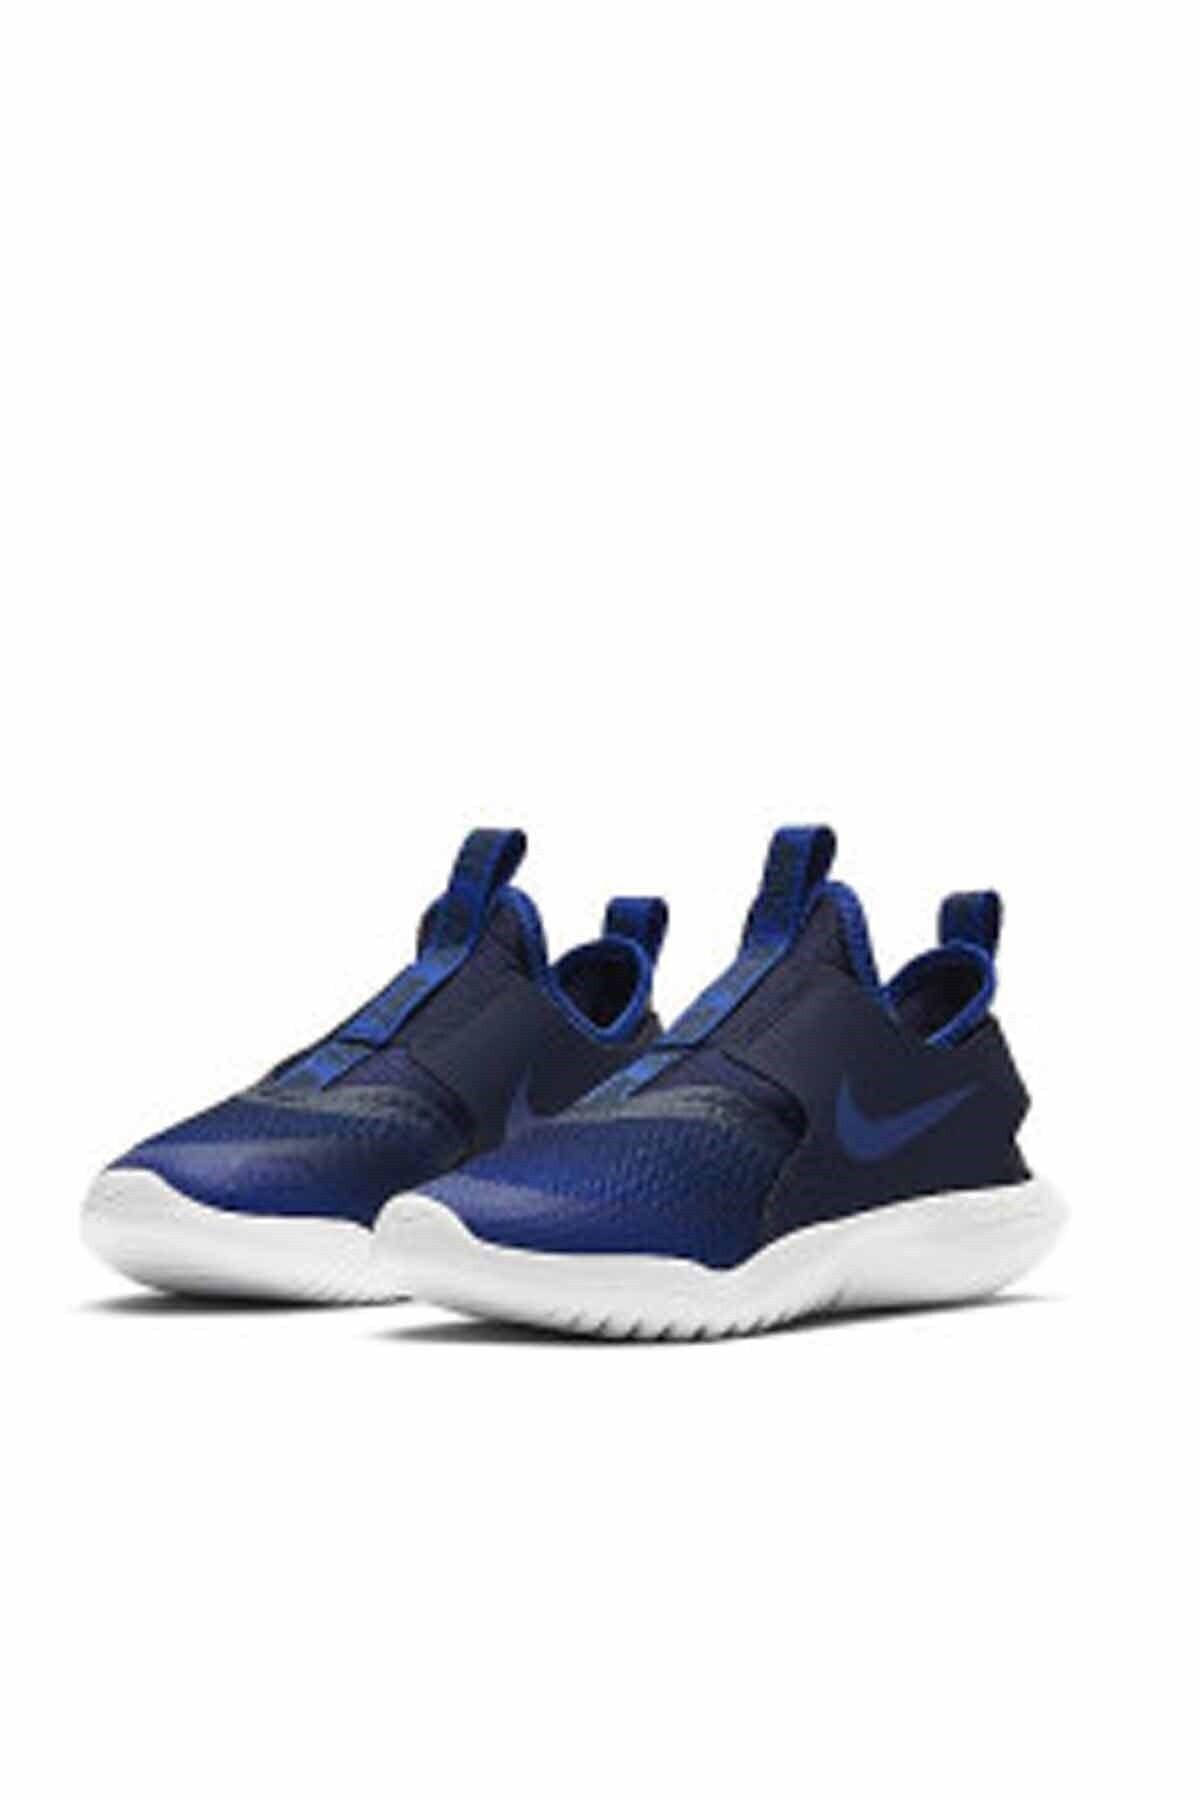 Nike Unisex Çocuk Lacivert Flex Runner Yürüyüş Koşu Ayakkabı At4663-407 1